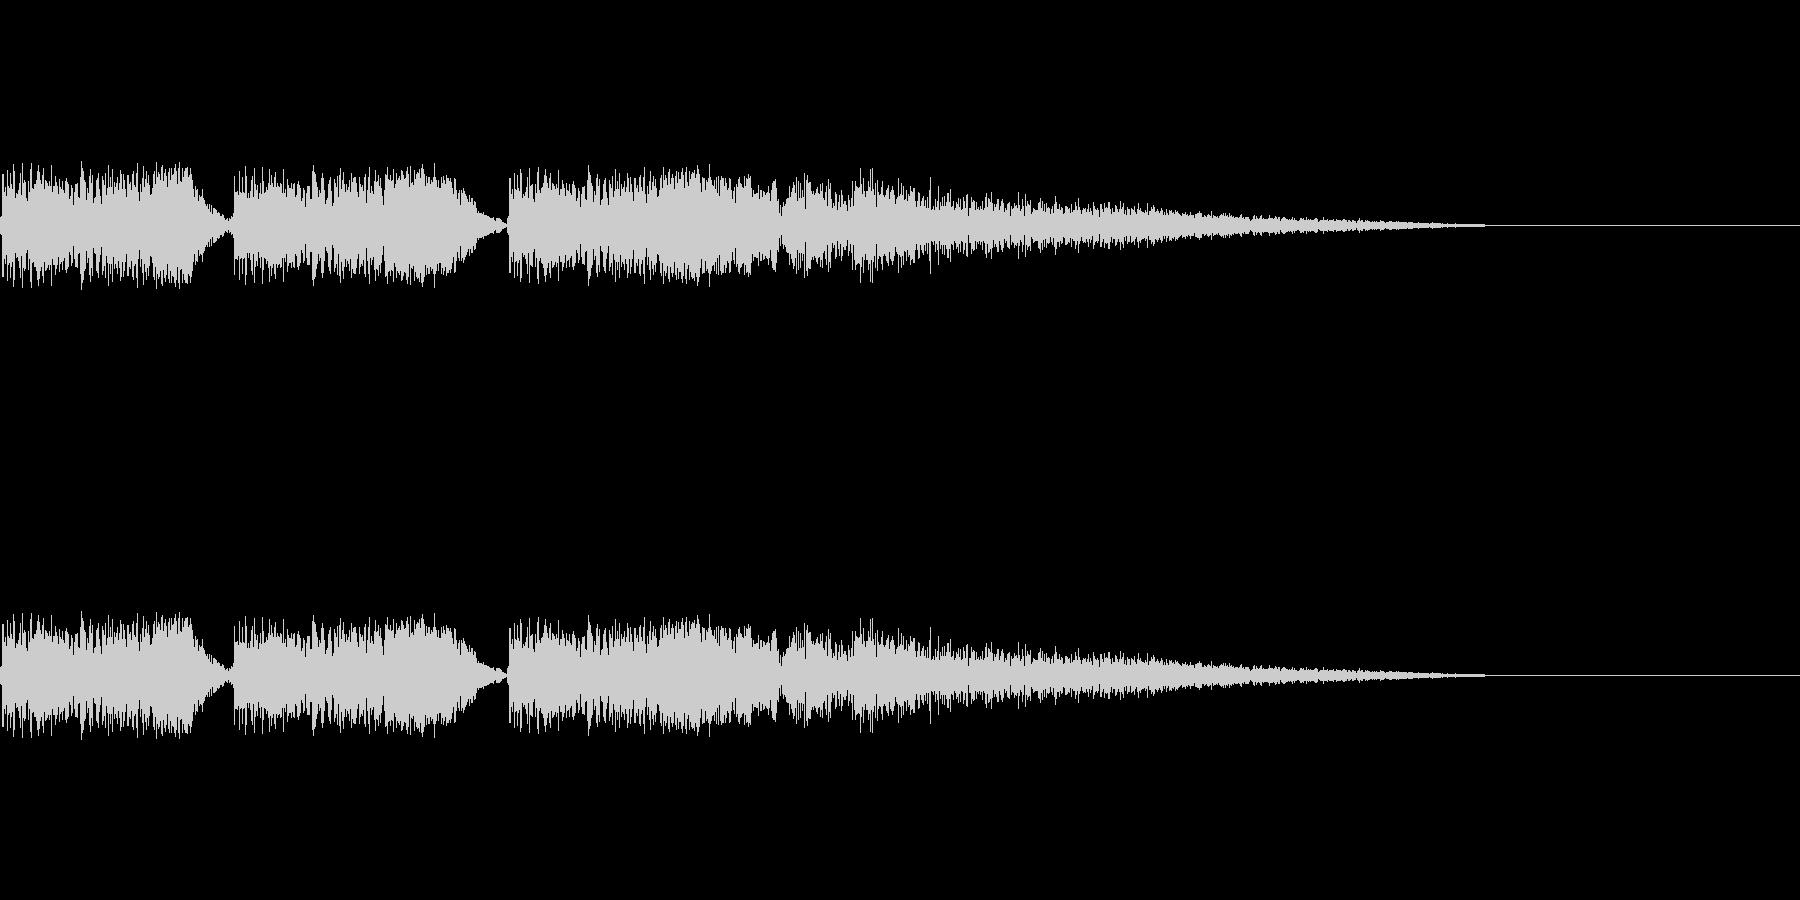 バキュンバキュンバキューン(銃を撃つ音)の未再生の波形